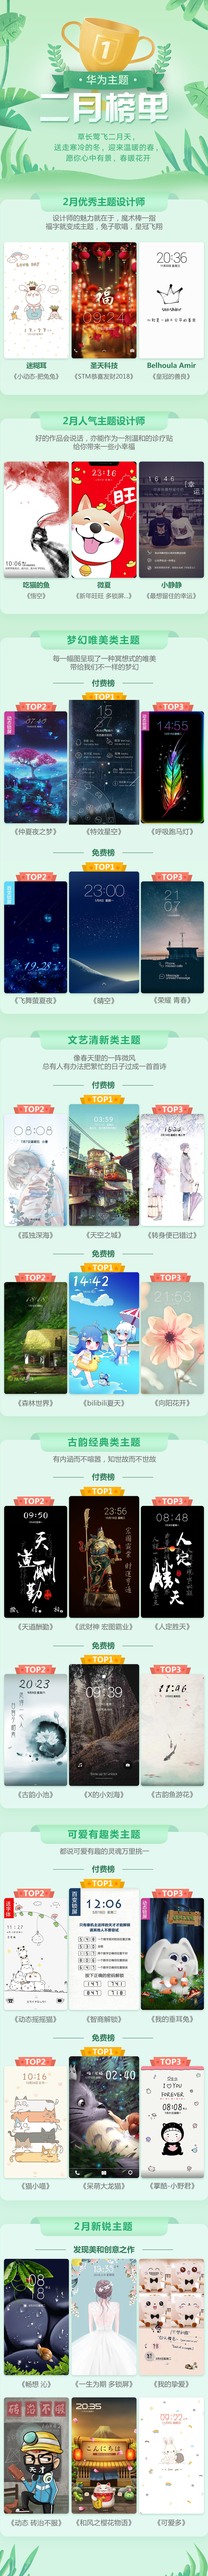 华为主题二月榜单专题.JPG